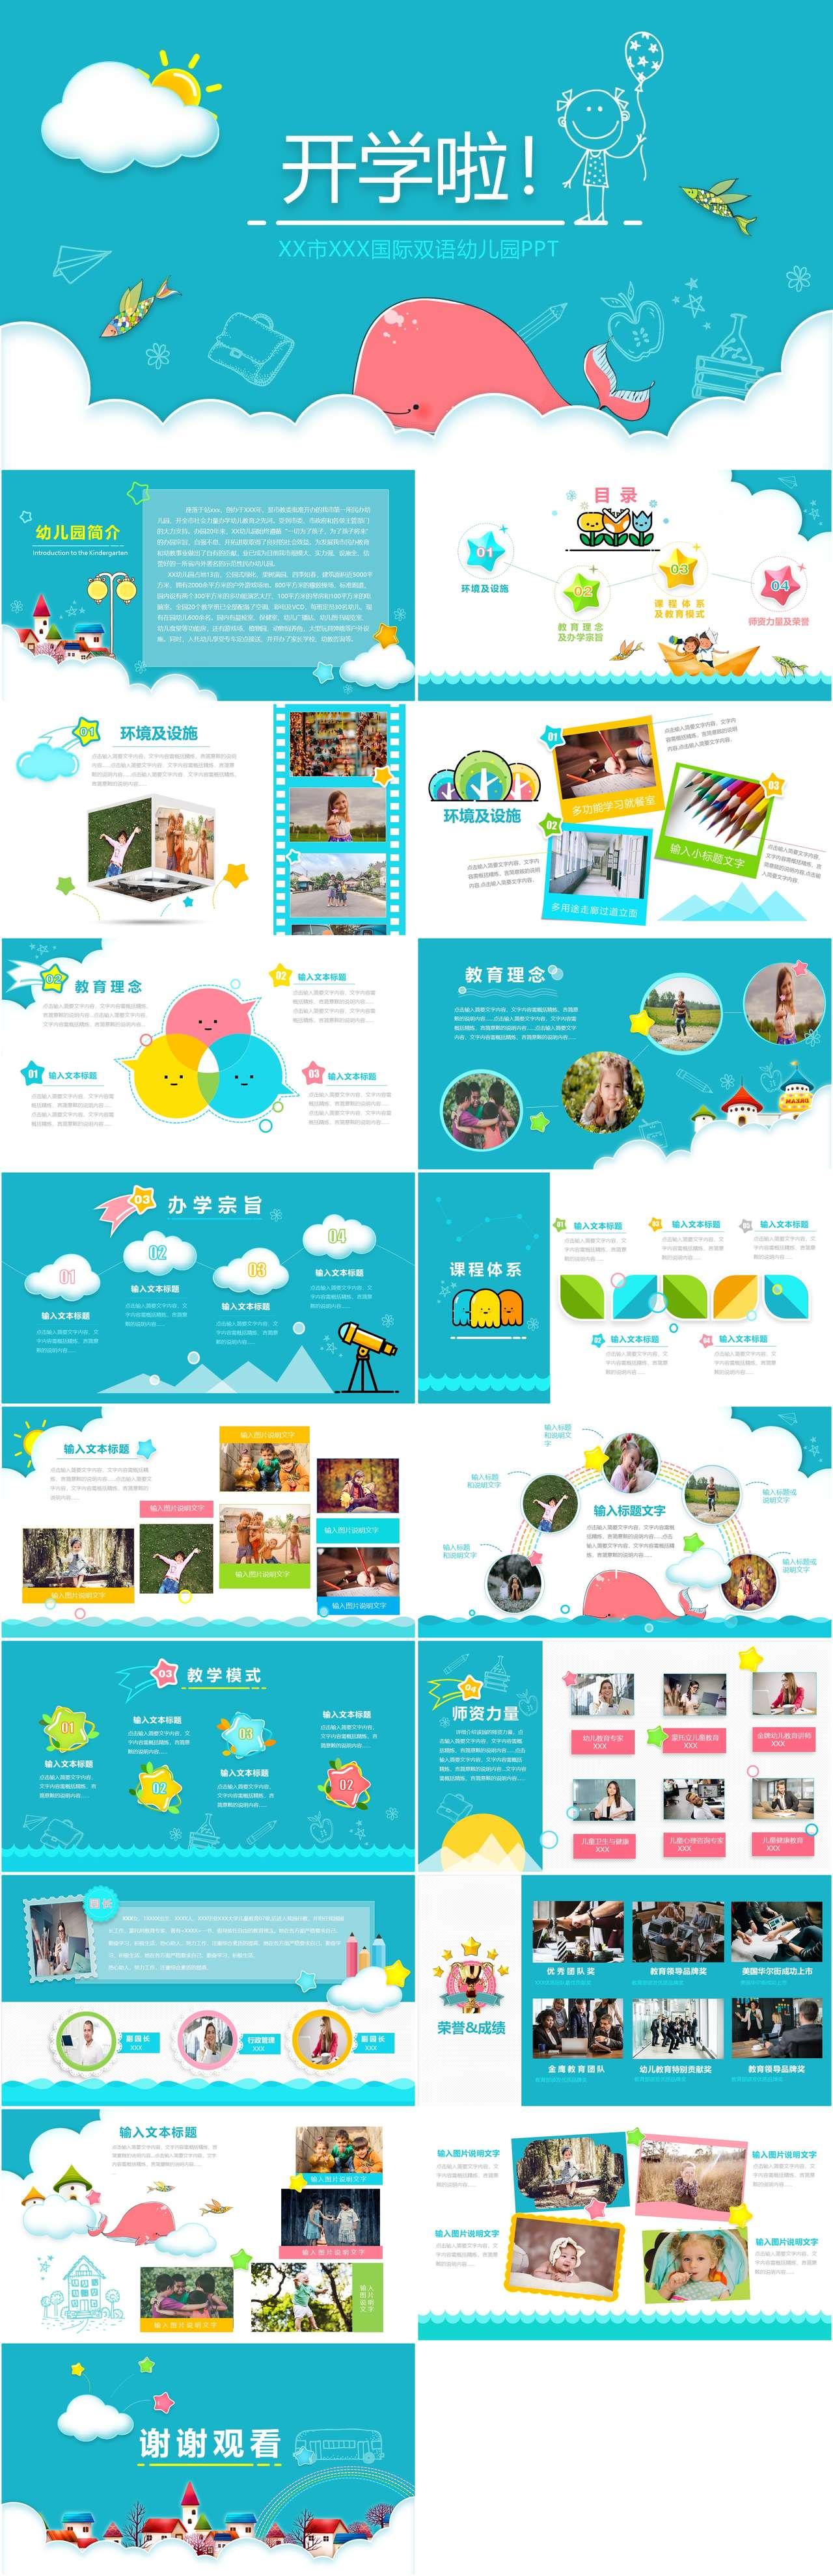 可爱卡通小学幼儿园新学期开学季ppt模板插图1